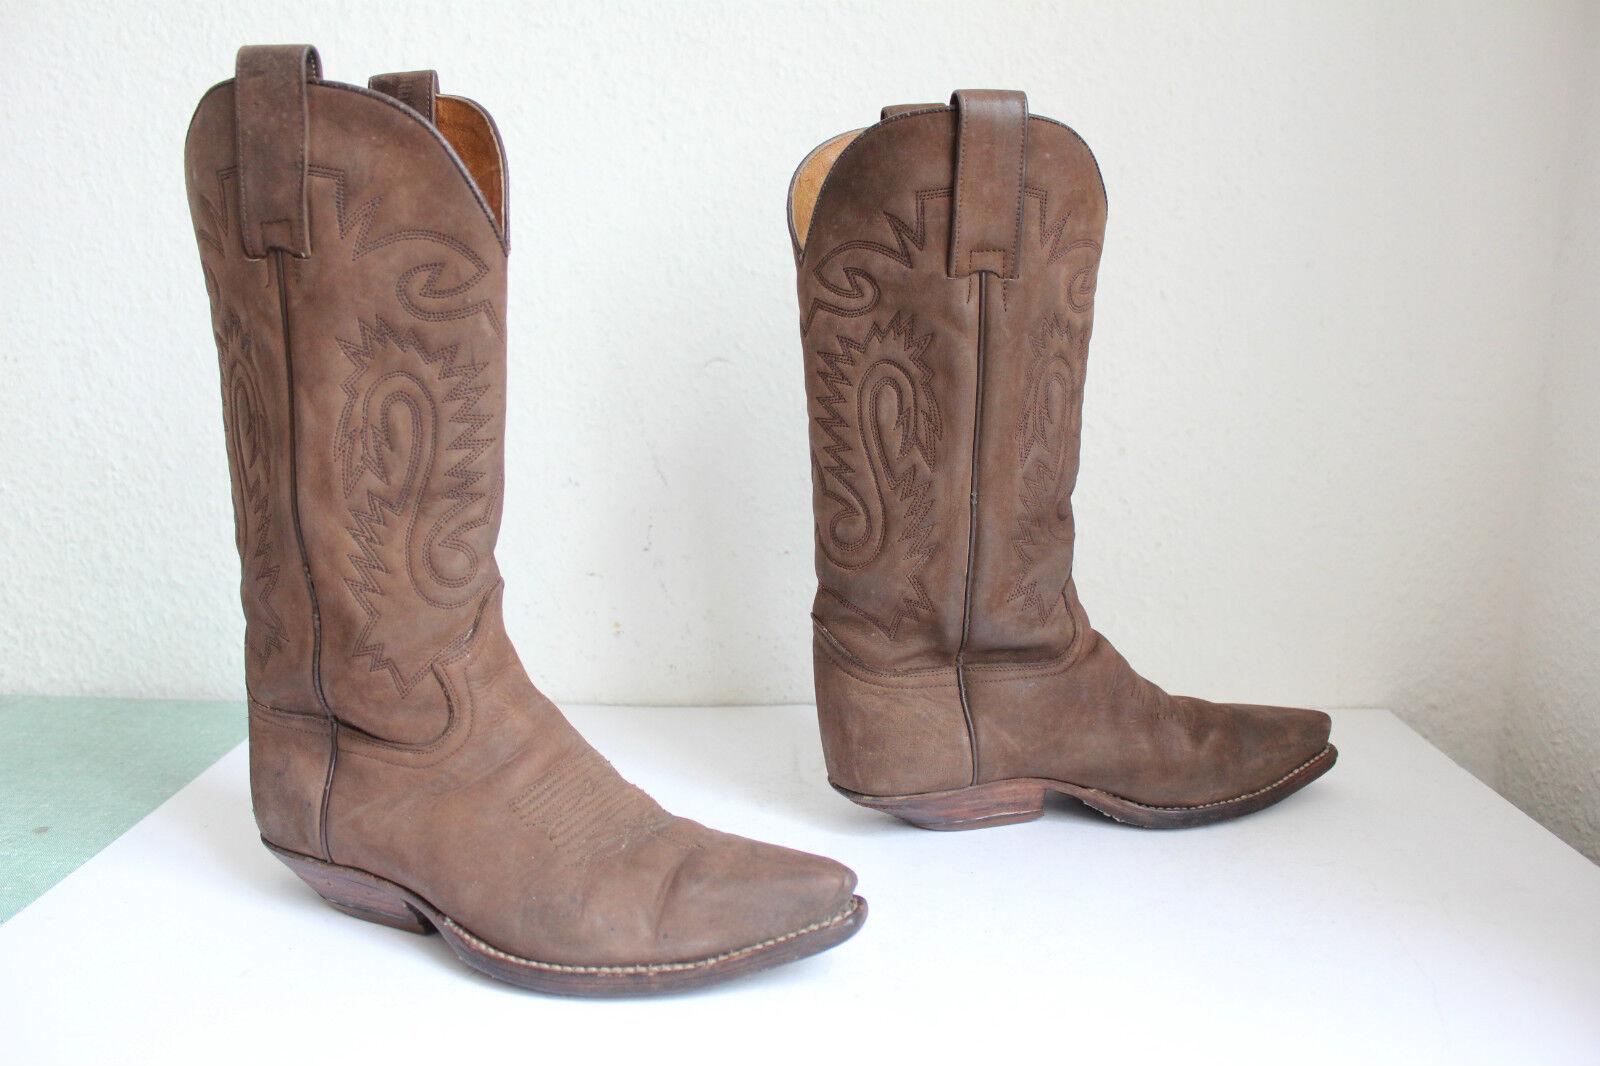 Sendra Western Cowboy botas botas plenamente cuero genuino marrón eu 38 - uk 5 de Spain